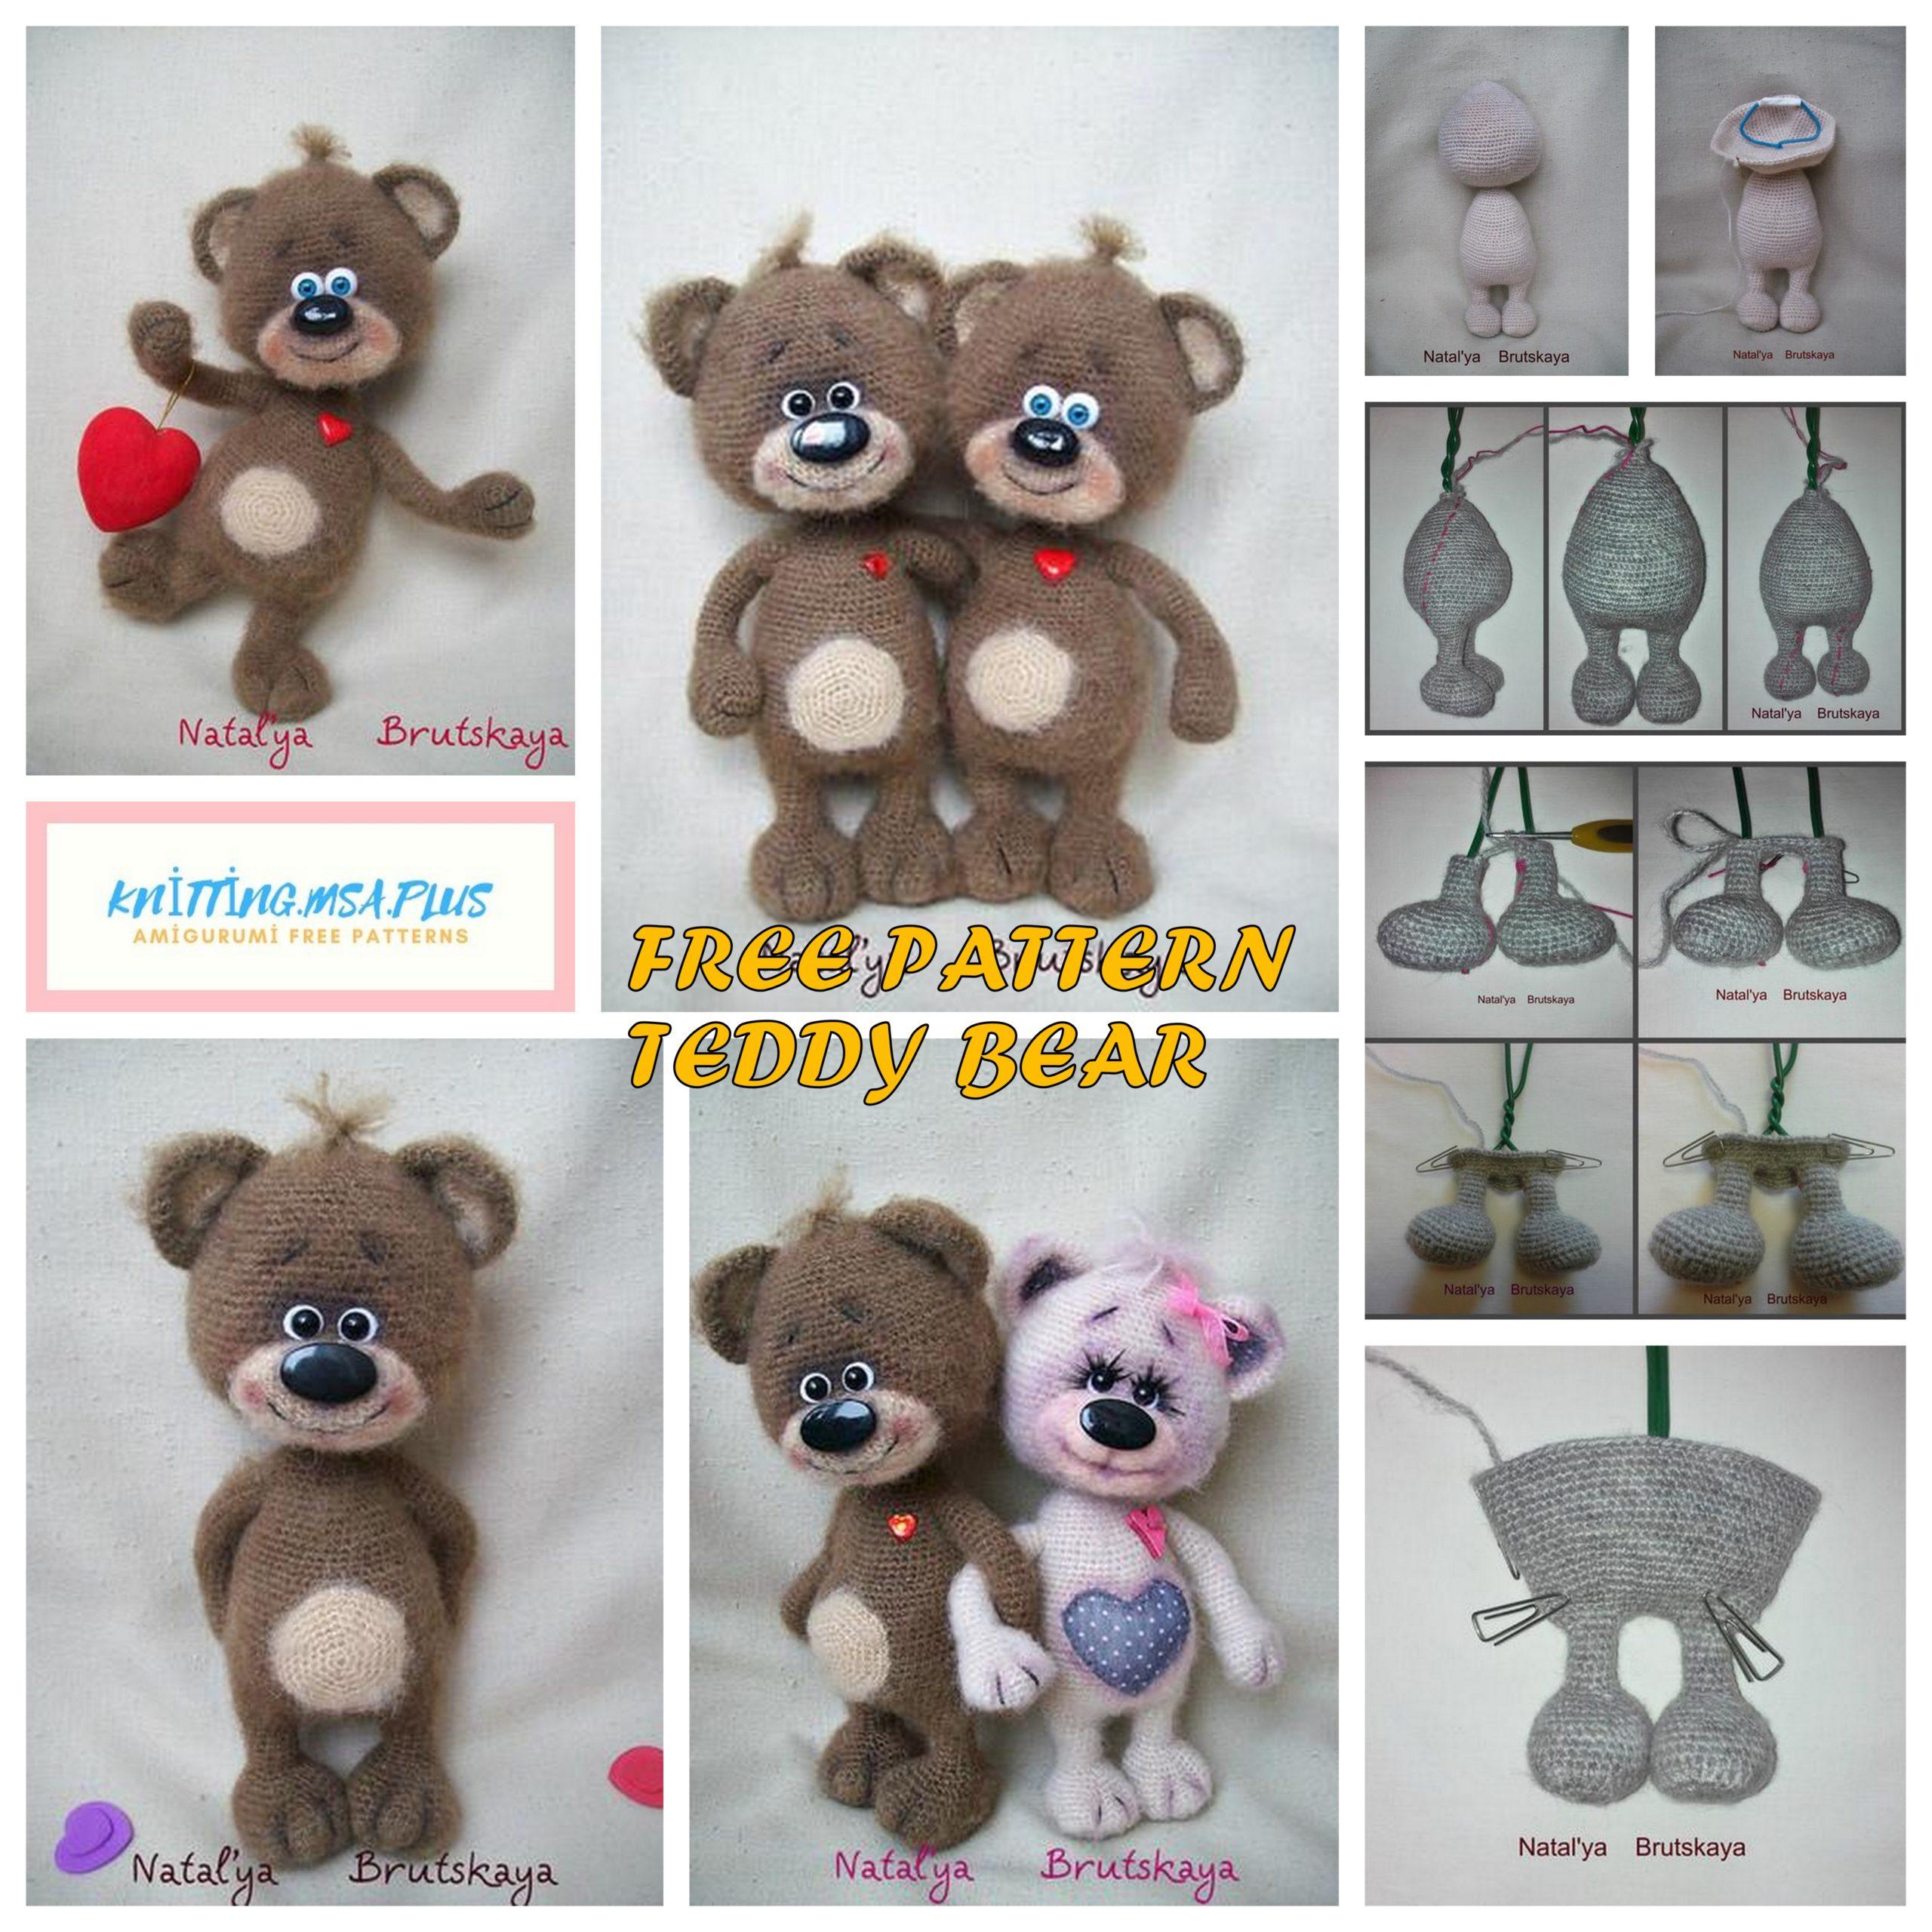 20+ Free Crochet Teddy Bear Patterns ⋆ Crochet Kingdom | 2560x2560